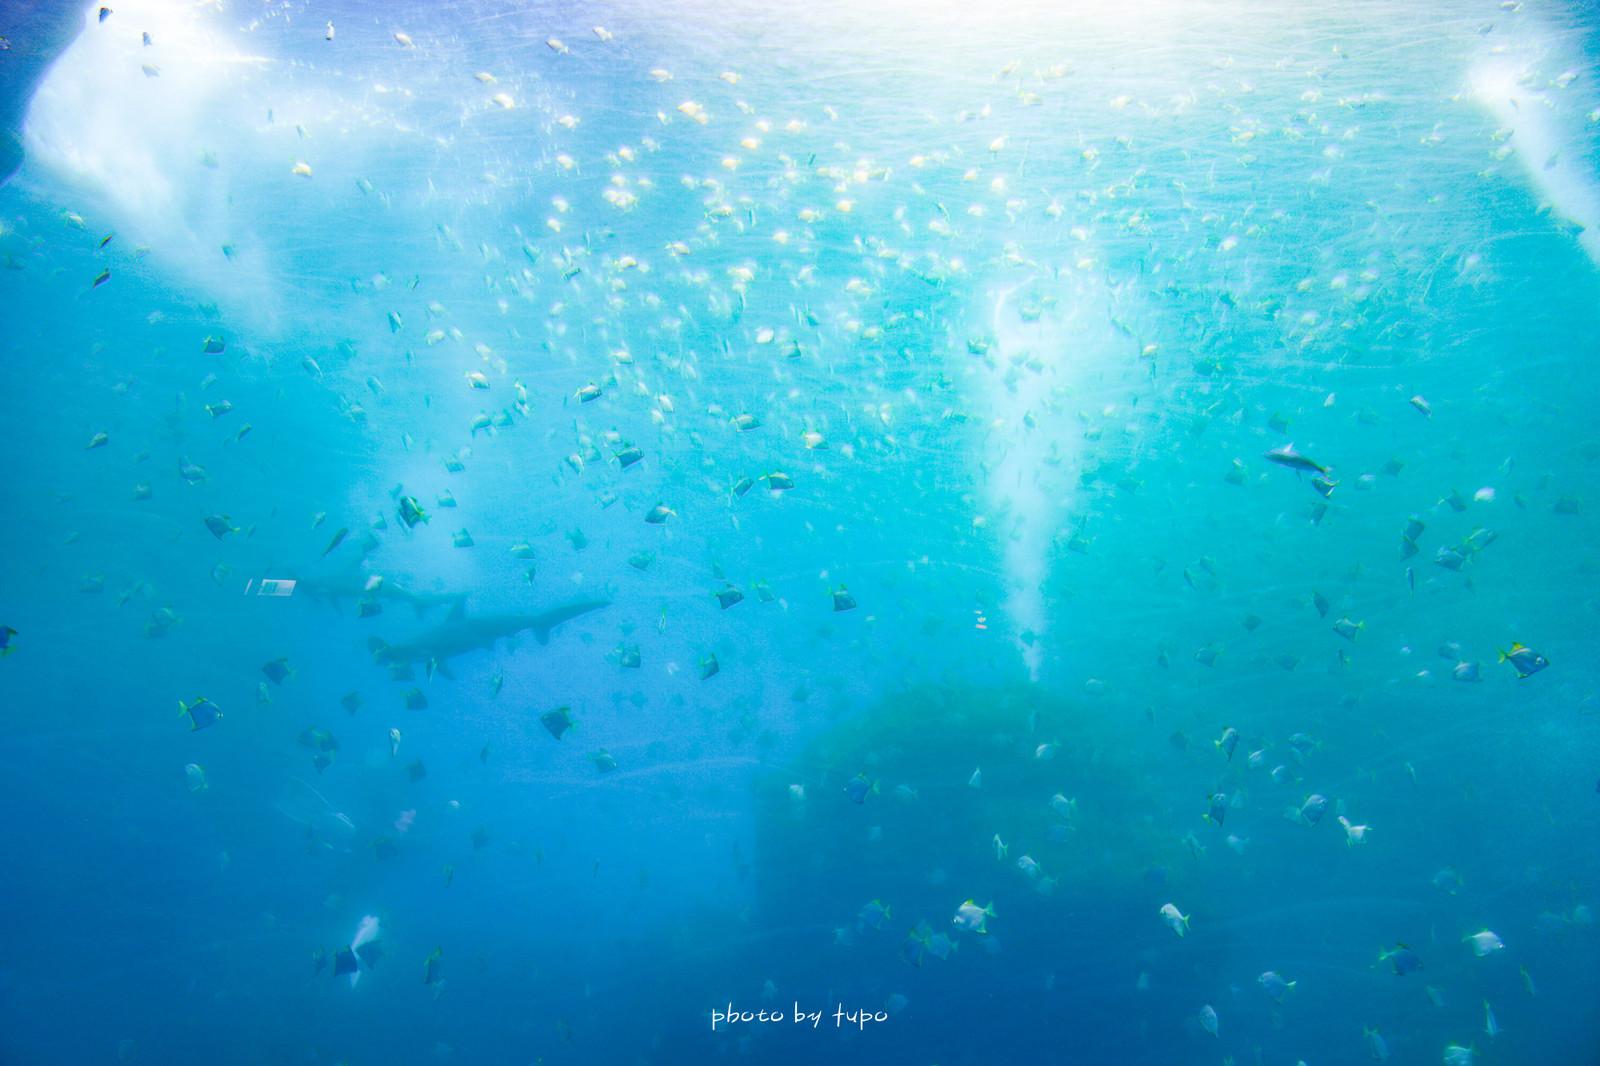 桃園新景點《 Xpark水族館(都會型水生公園):平日開放現場購票,一起來去和企鵝吃午餐吧,和湛藍水母拍照要等一小時